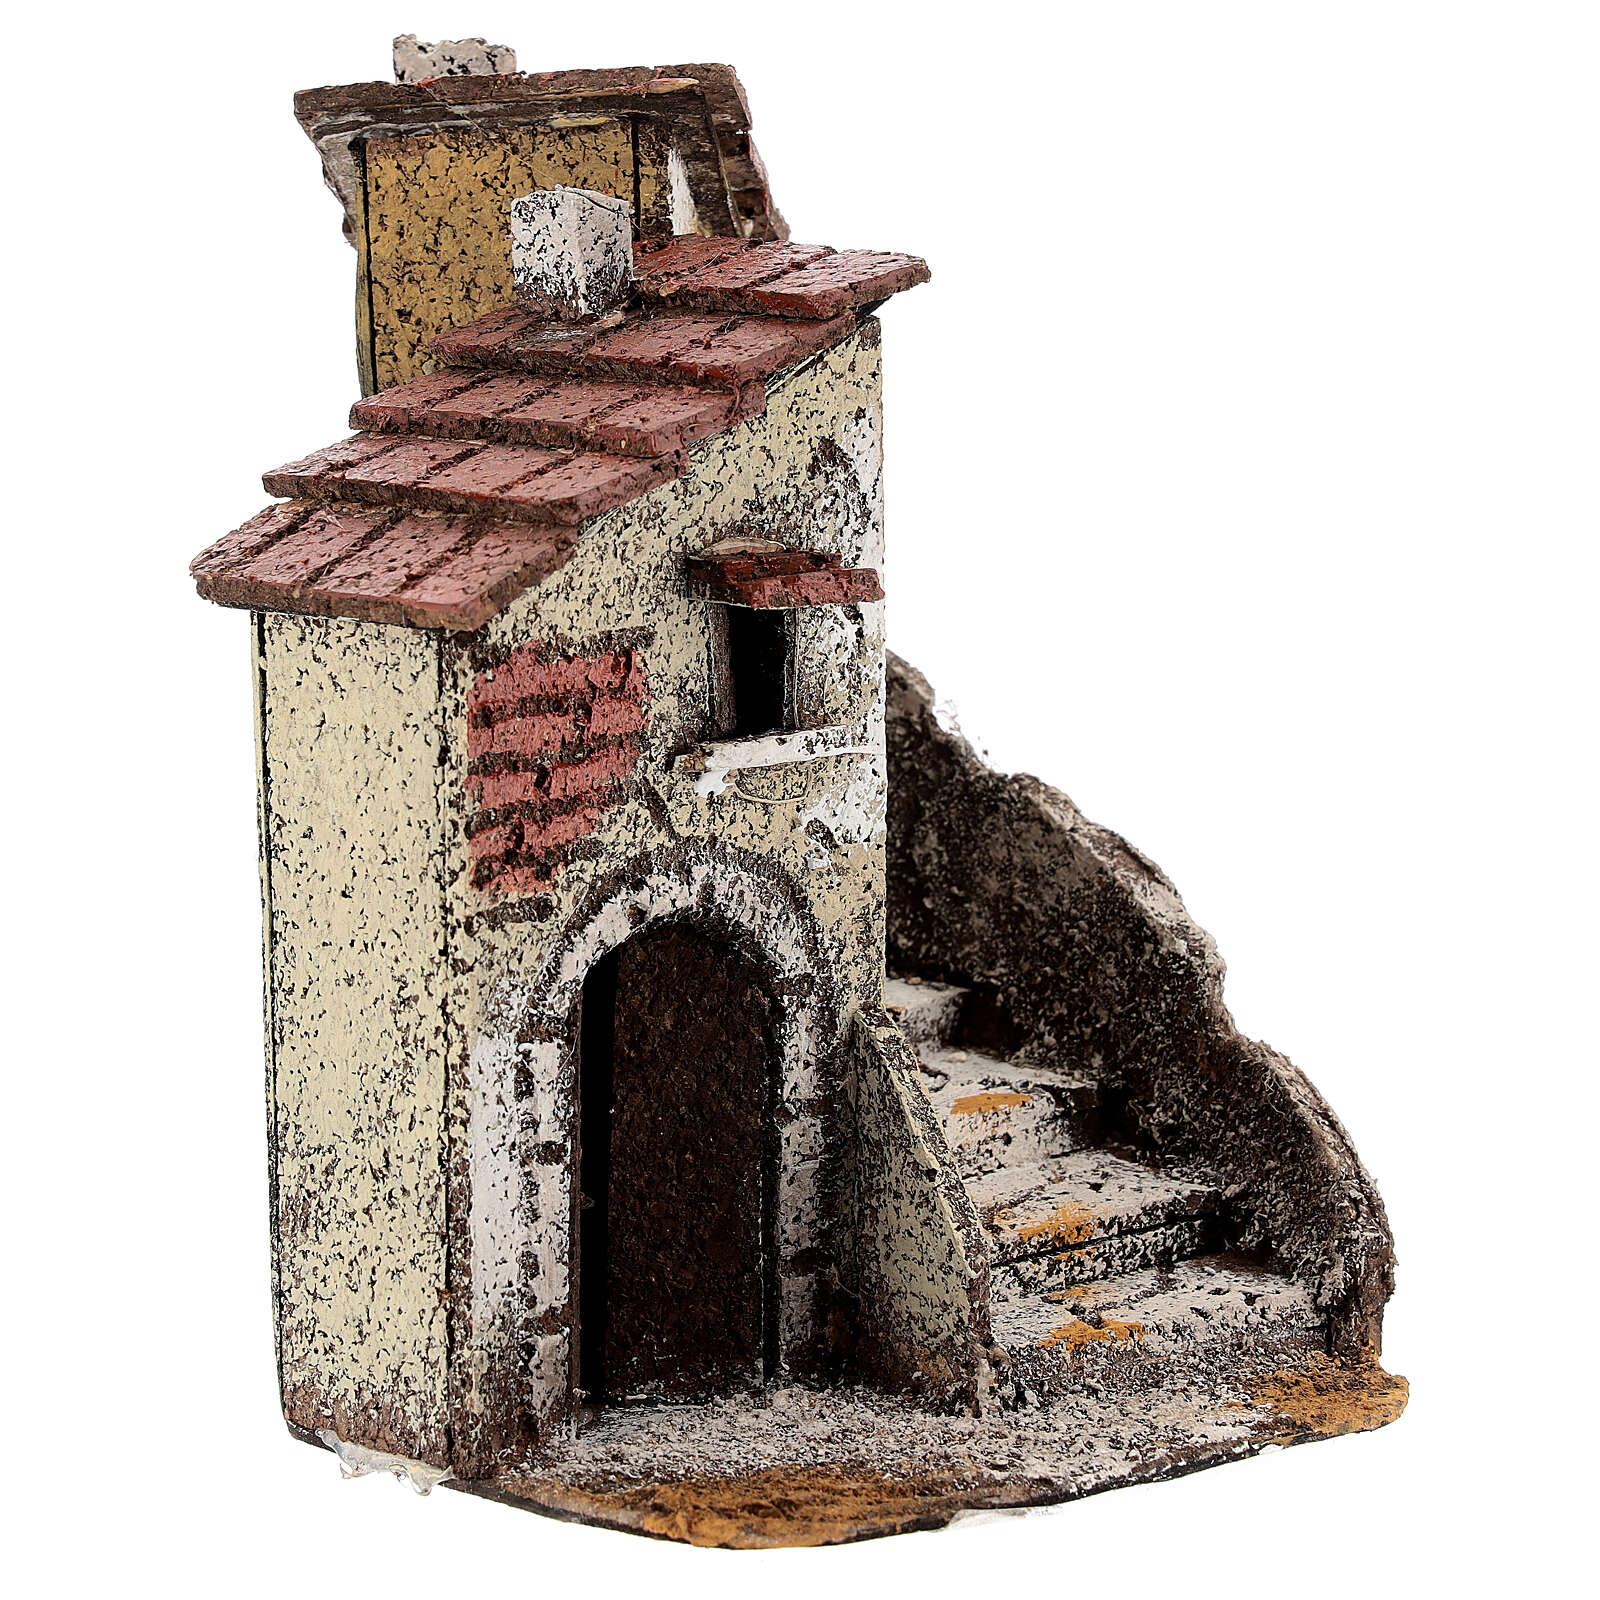 Neapolitan Nativity scene house in cork 15x10x15 cm for statues 4 cm 4